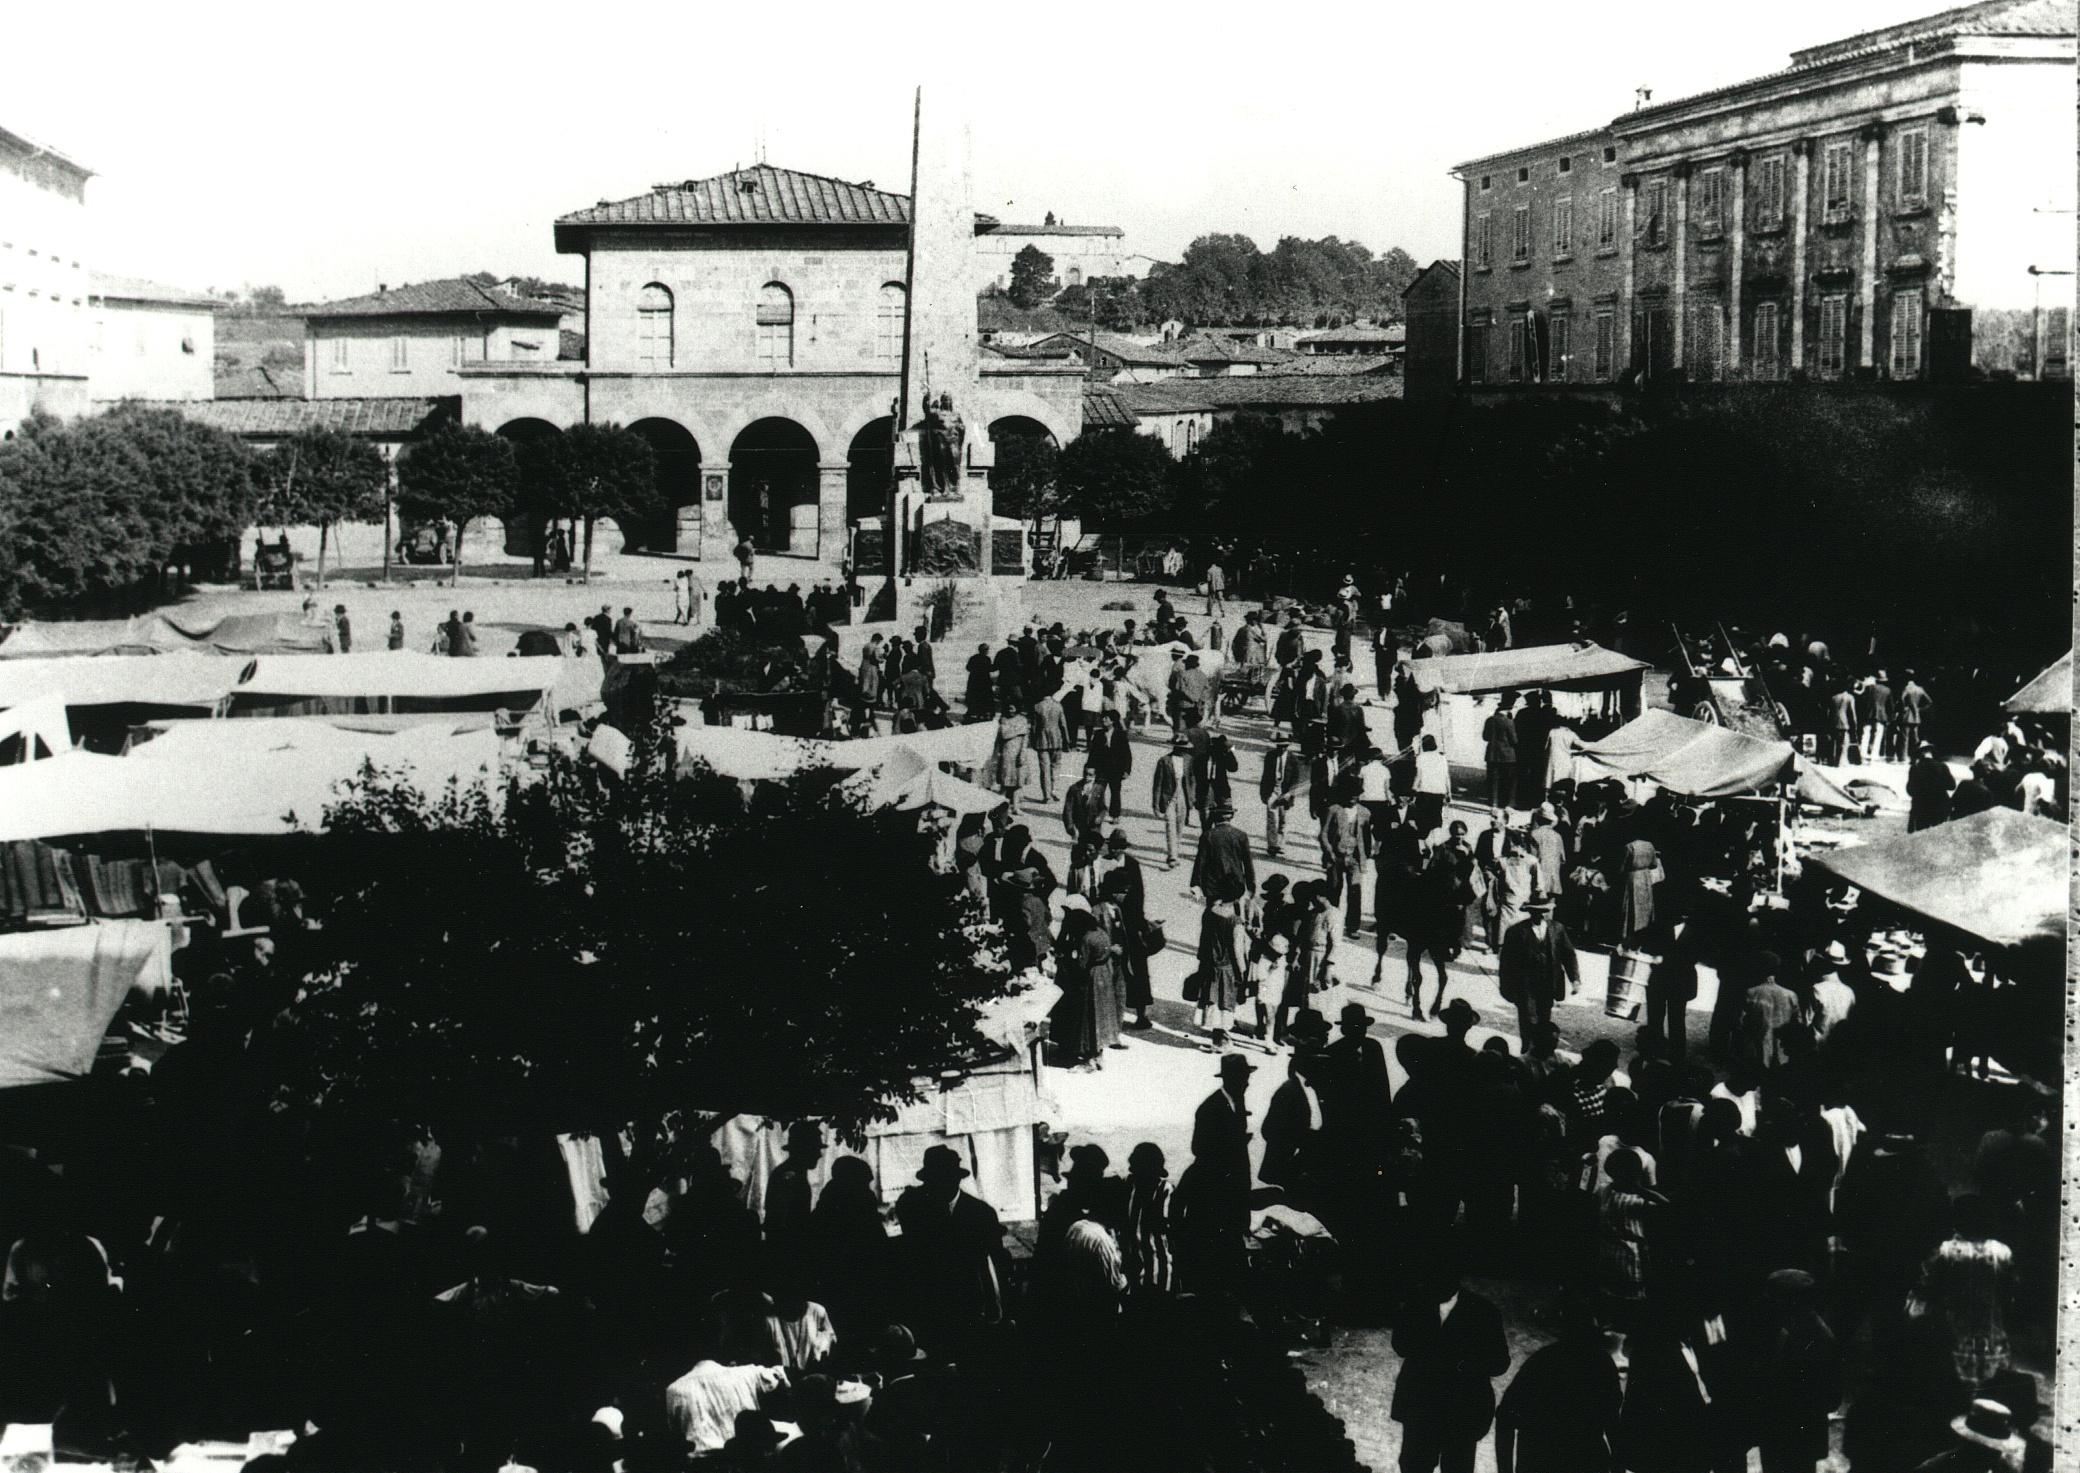 Colle di Val d'Elsa, Mercato in piazza Arnolfo